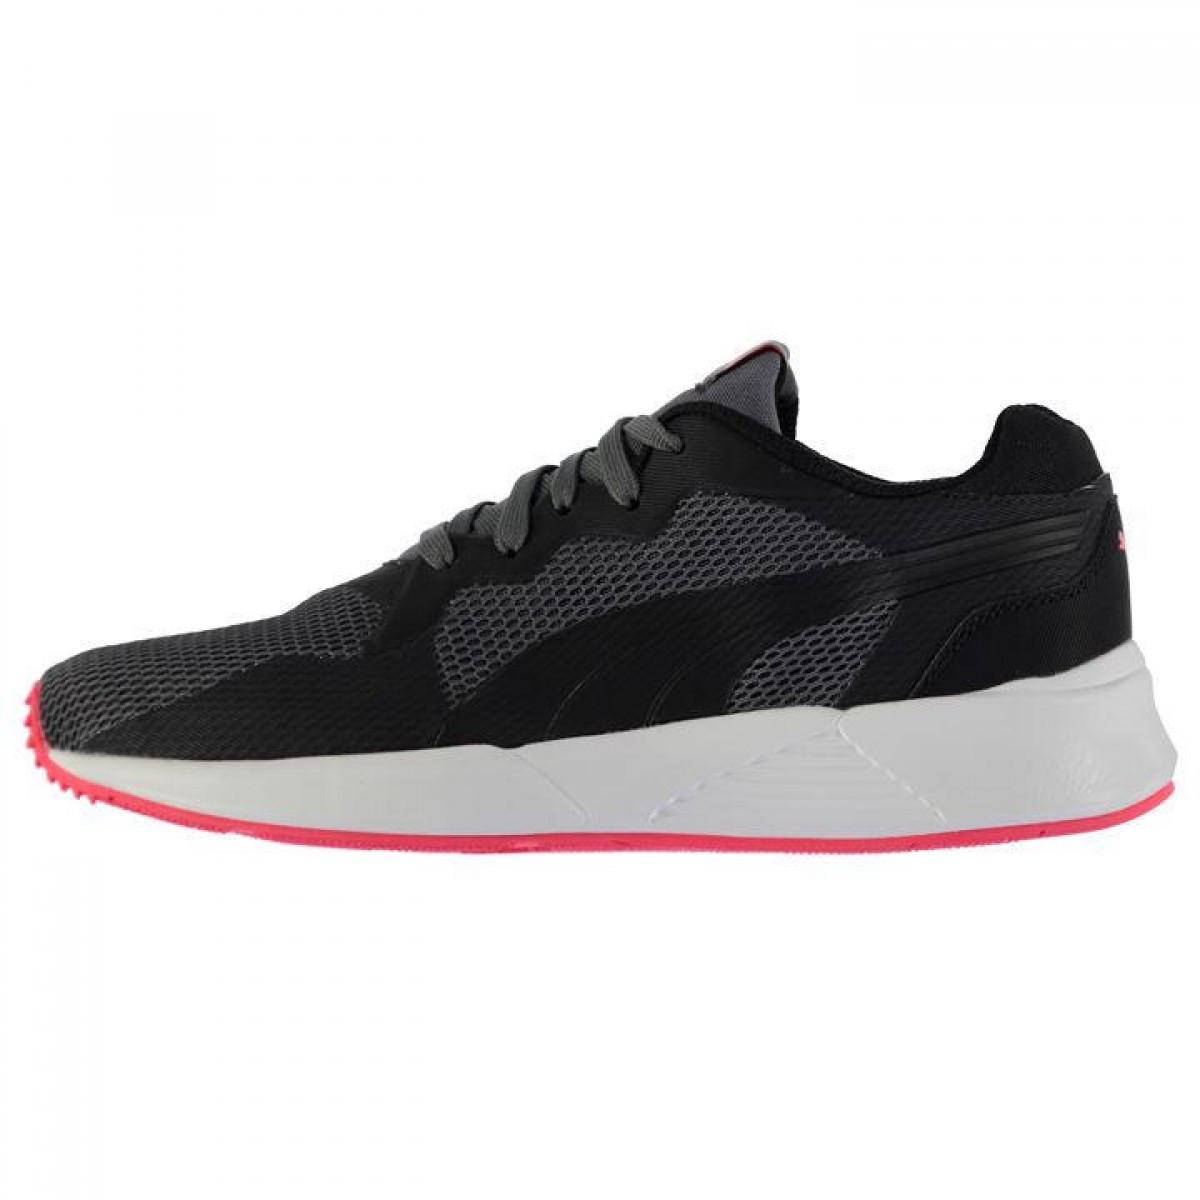 Кроссовки Puma Pacer Plus Grey Black - Оригинал - FAIR - оригинальная  одежда и обувь aaf15085e85